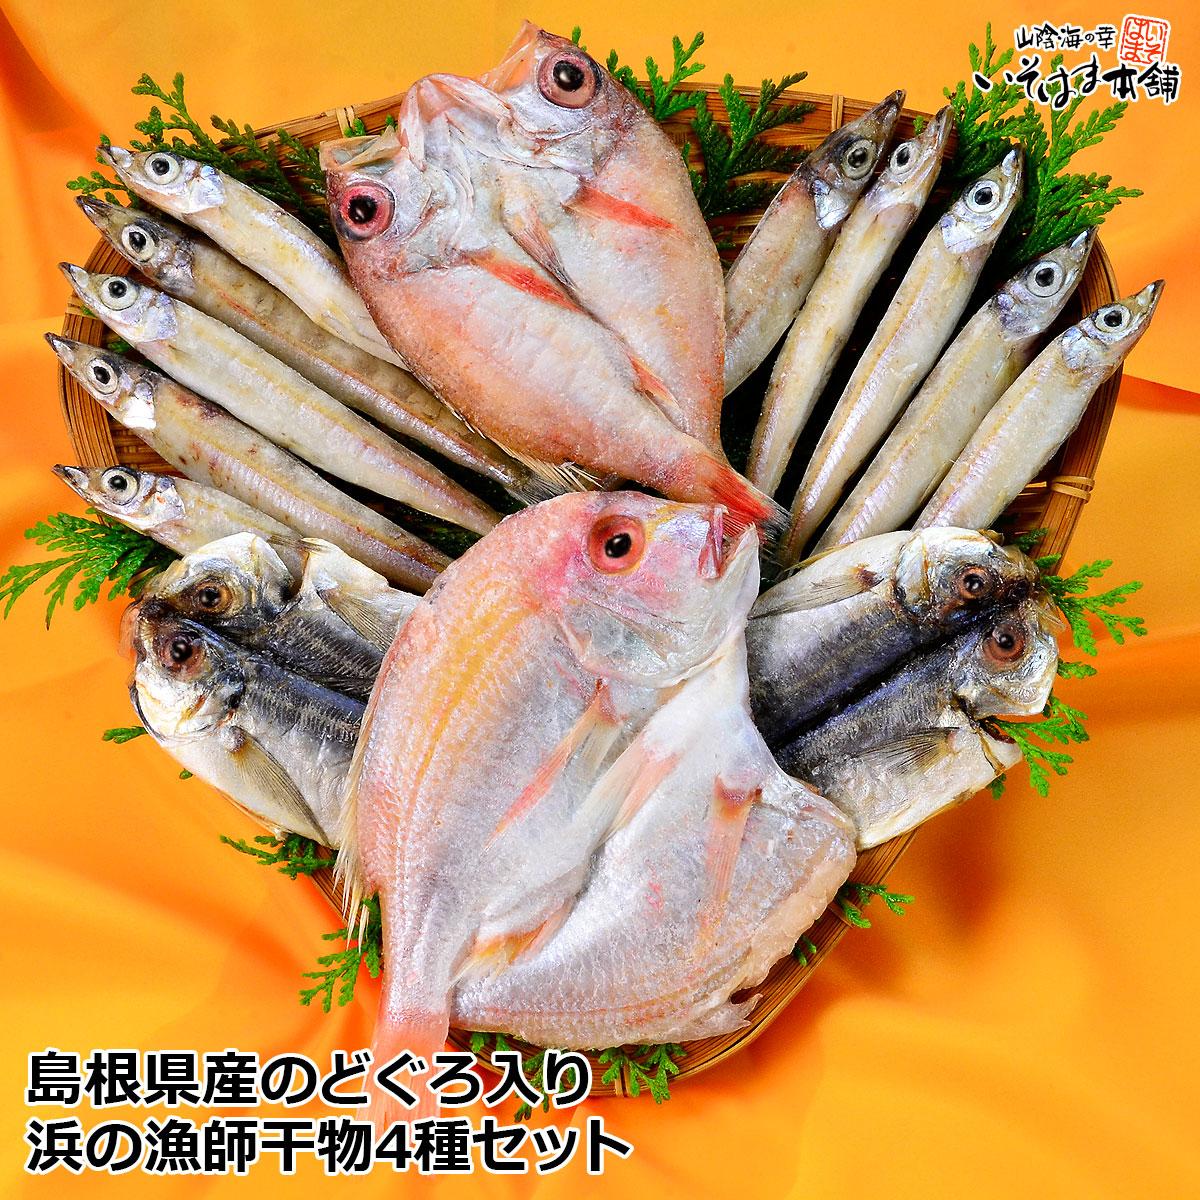 お誕生日ギフト 内祝い お歳暮 毎週更新 プレゼント 産直 産地直送 手軽に山陰日本海の味が楽しめる 丁度良い塩梅で干した国産の干物詰め合わせ 敬老の日 送料無料 お誕生日 ギフト プレゼントのどぐろ 浜の漁師干物セットのど黒 ノドグロ 赤むつ 沖ぎす れんこ鯛 干物 お取り寄せ グルメ セット国産 島根 近海魚 海鮮 水産加工 最安値 あす楽 あじ 祝い鯛 詰合せ内祝い